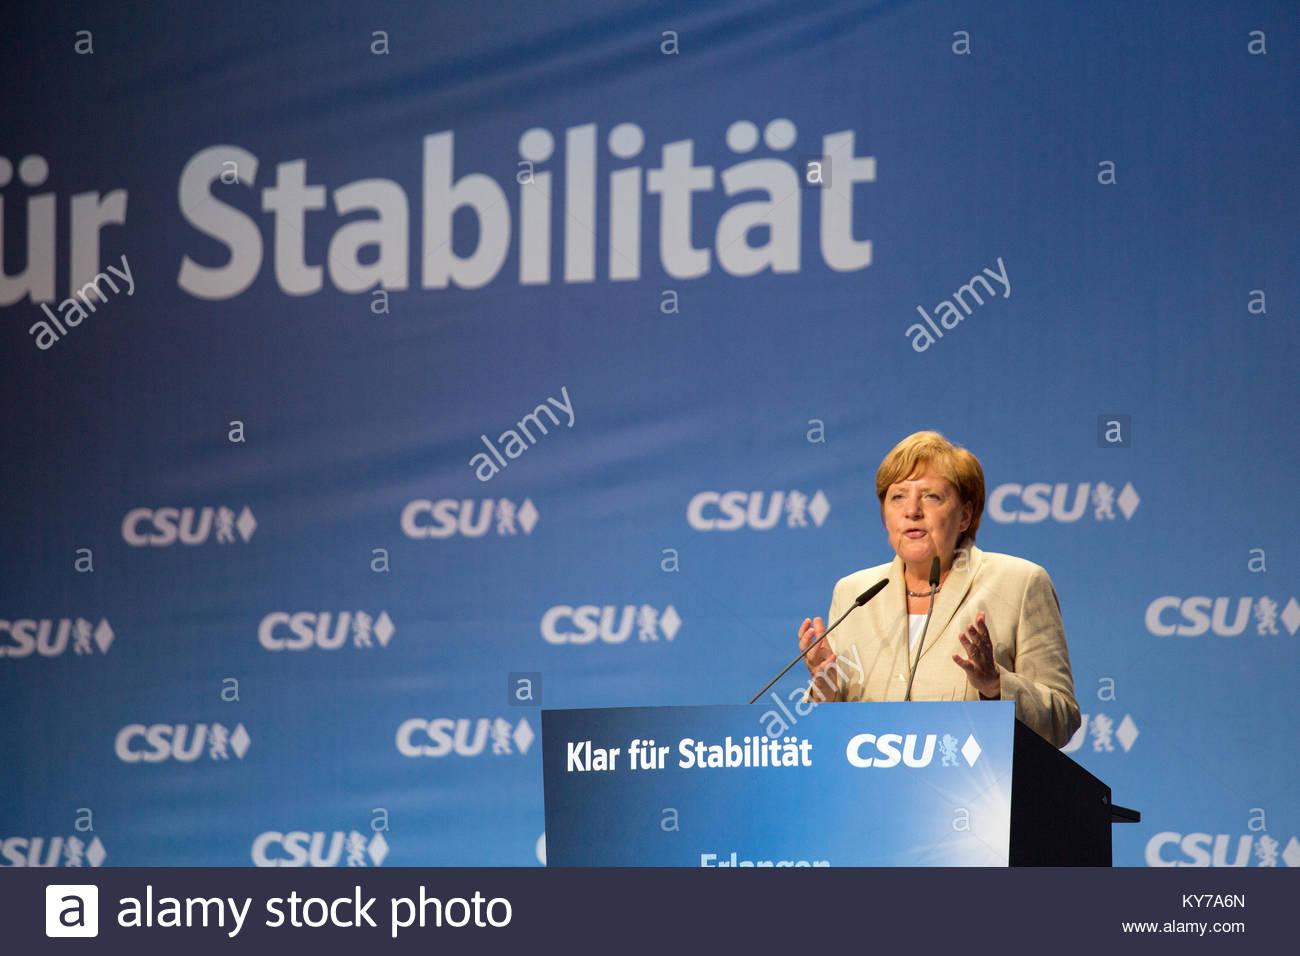 Leader allemand, Angela Merkel, s'exprimant lors d'une campagne électorale organisée par la CDU, Photo Stock